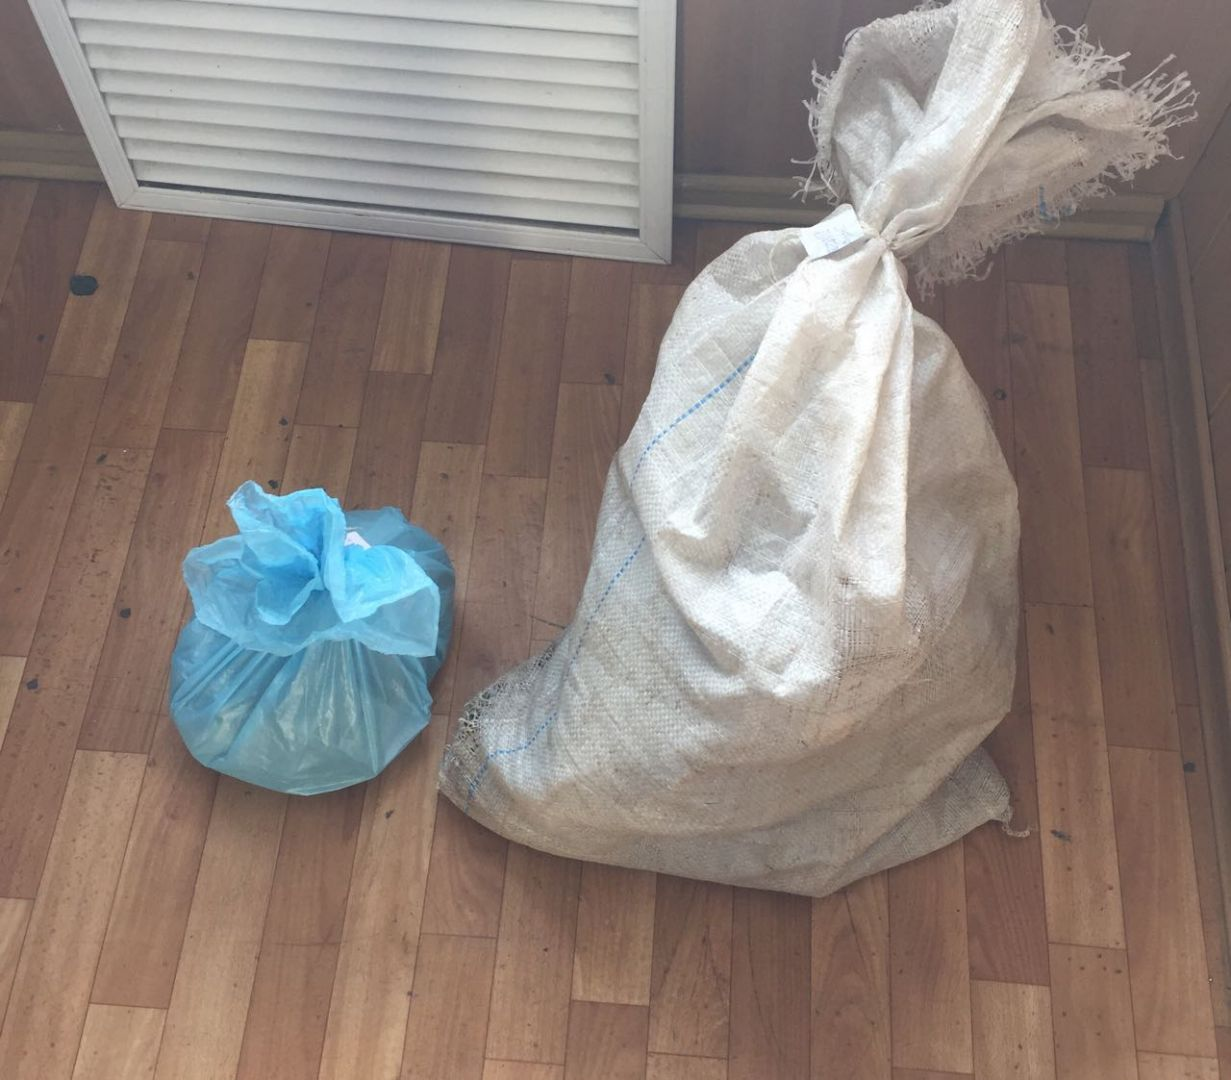 НаСтаврополье мужчина сохранял наркотики усебя вшкафу